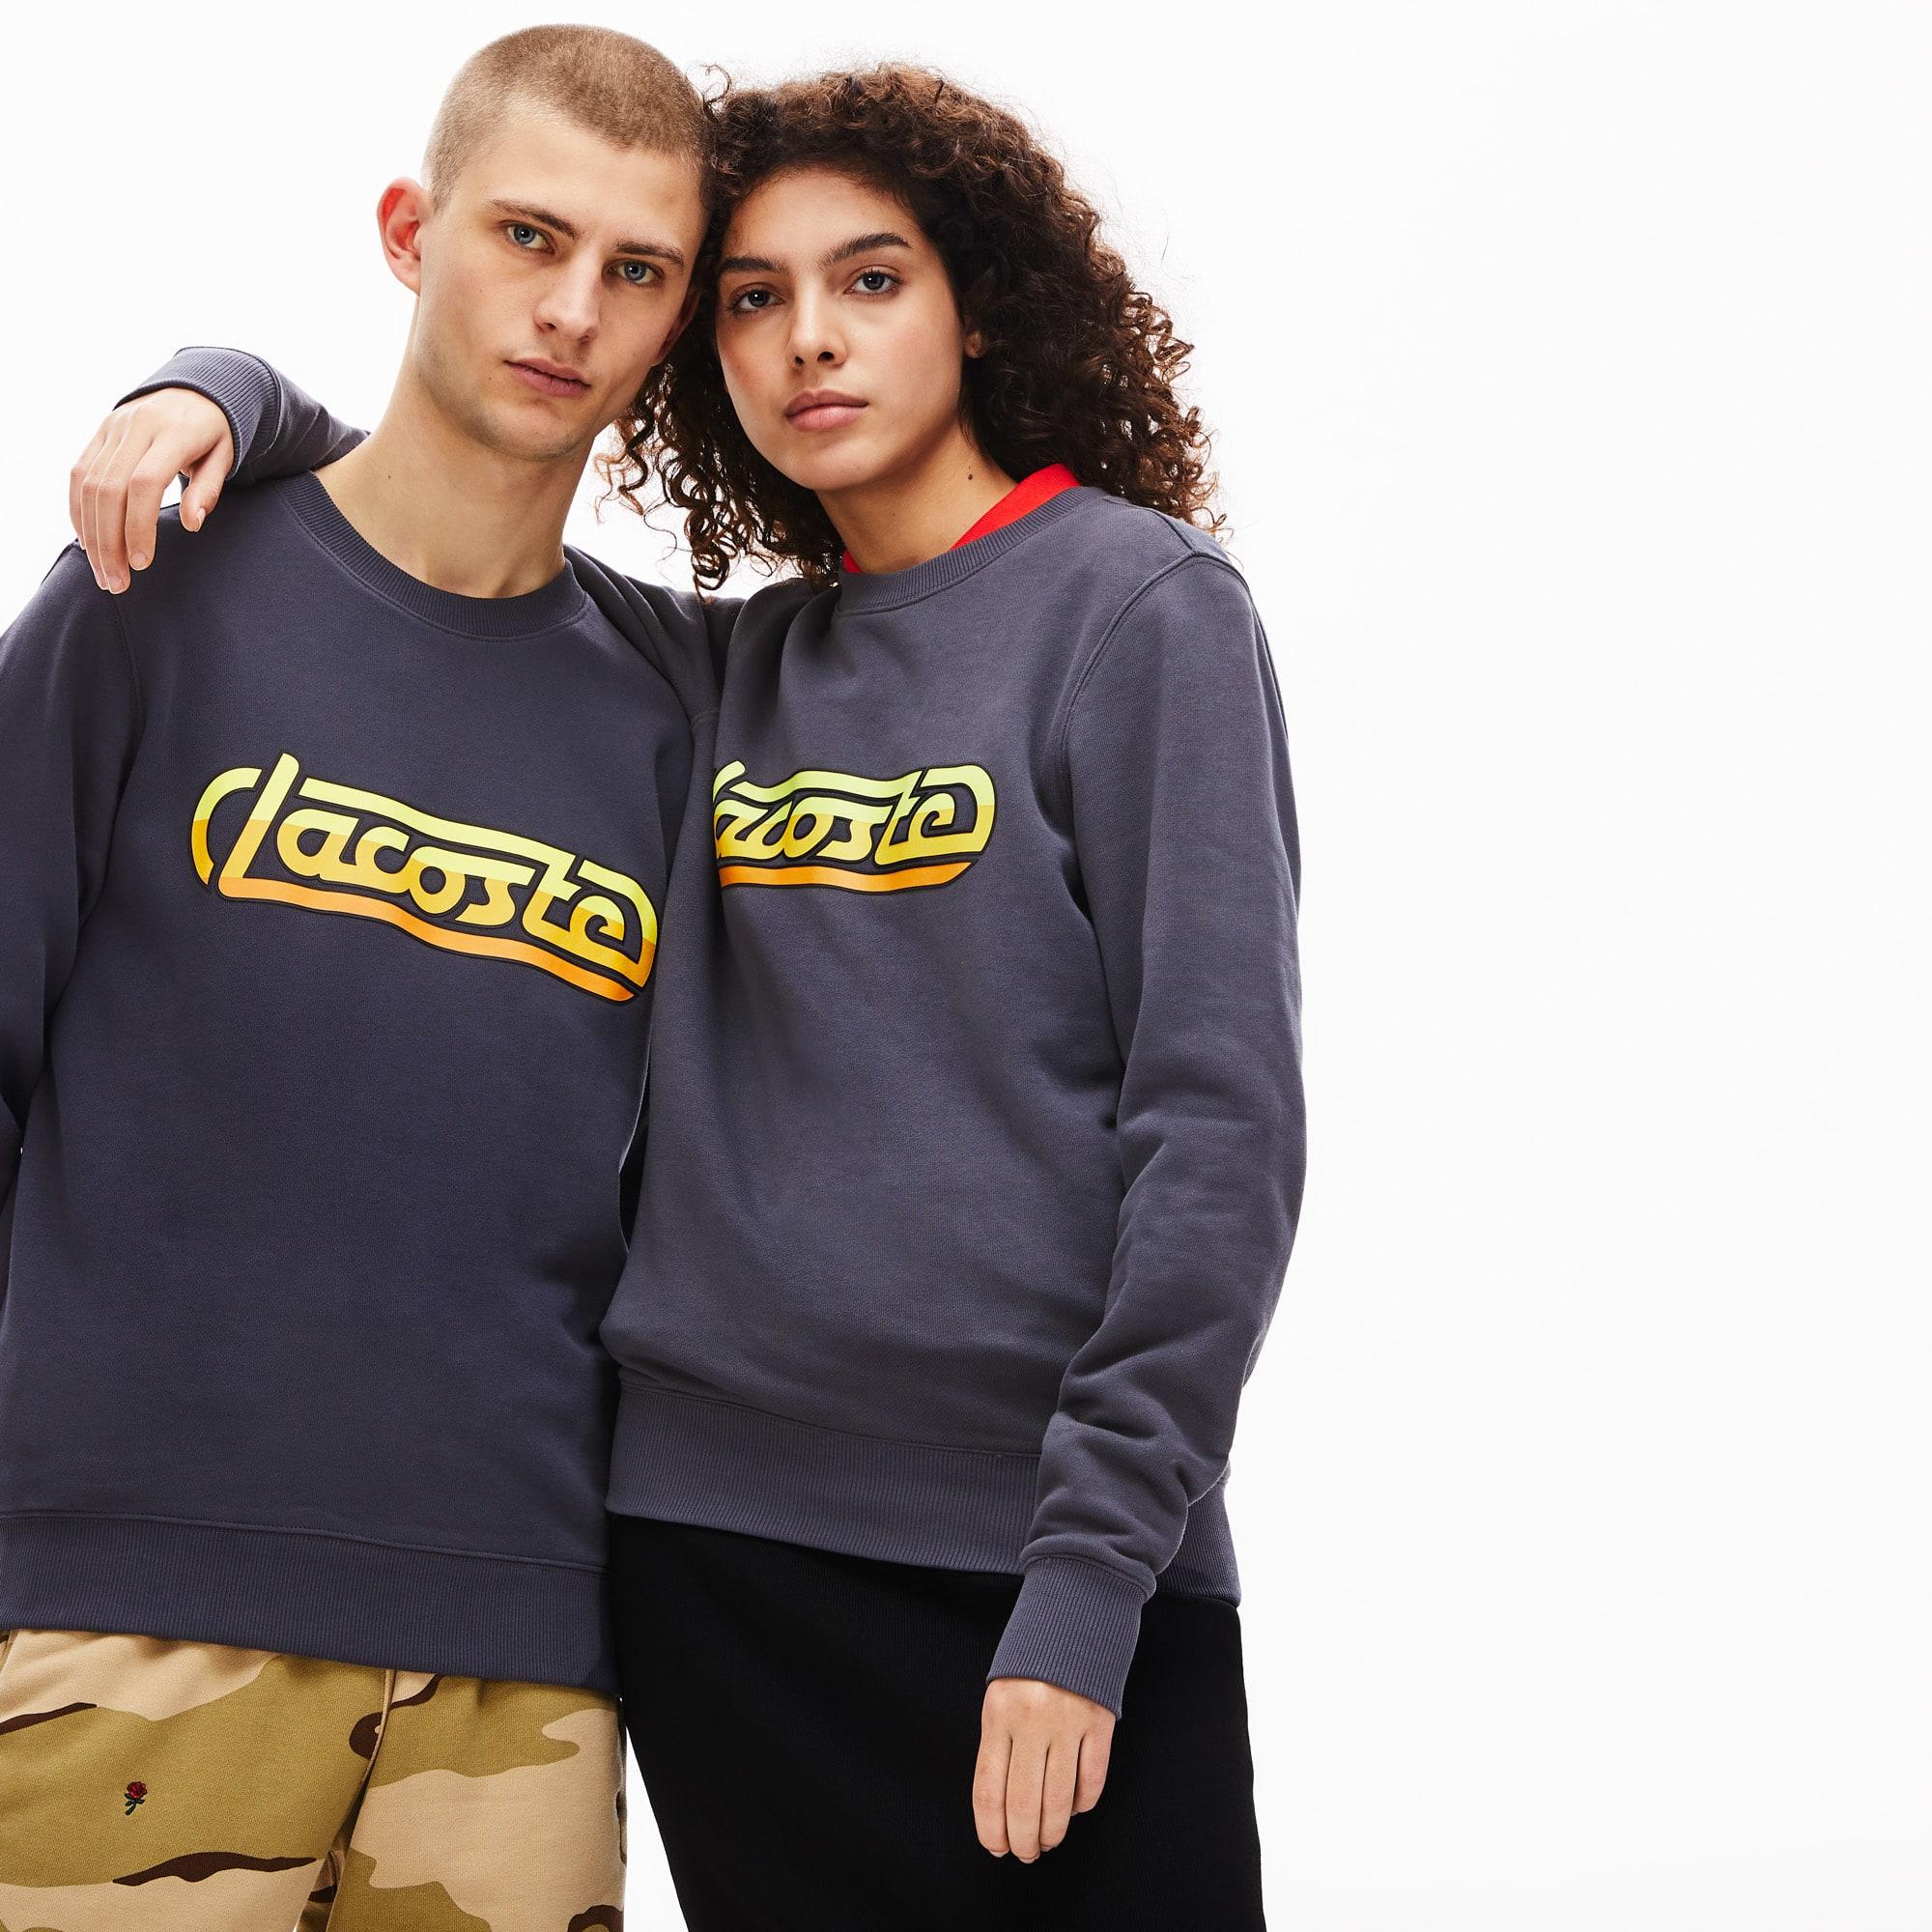 Lacoste Tops Unisex LIVE Signature Fleece Sweatshirt